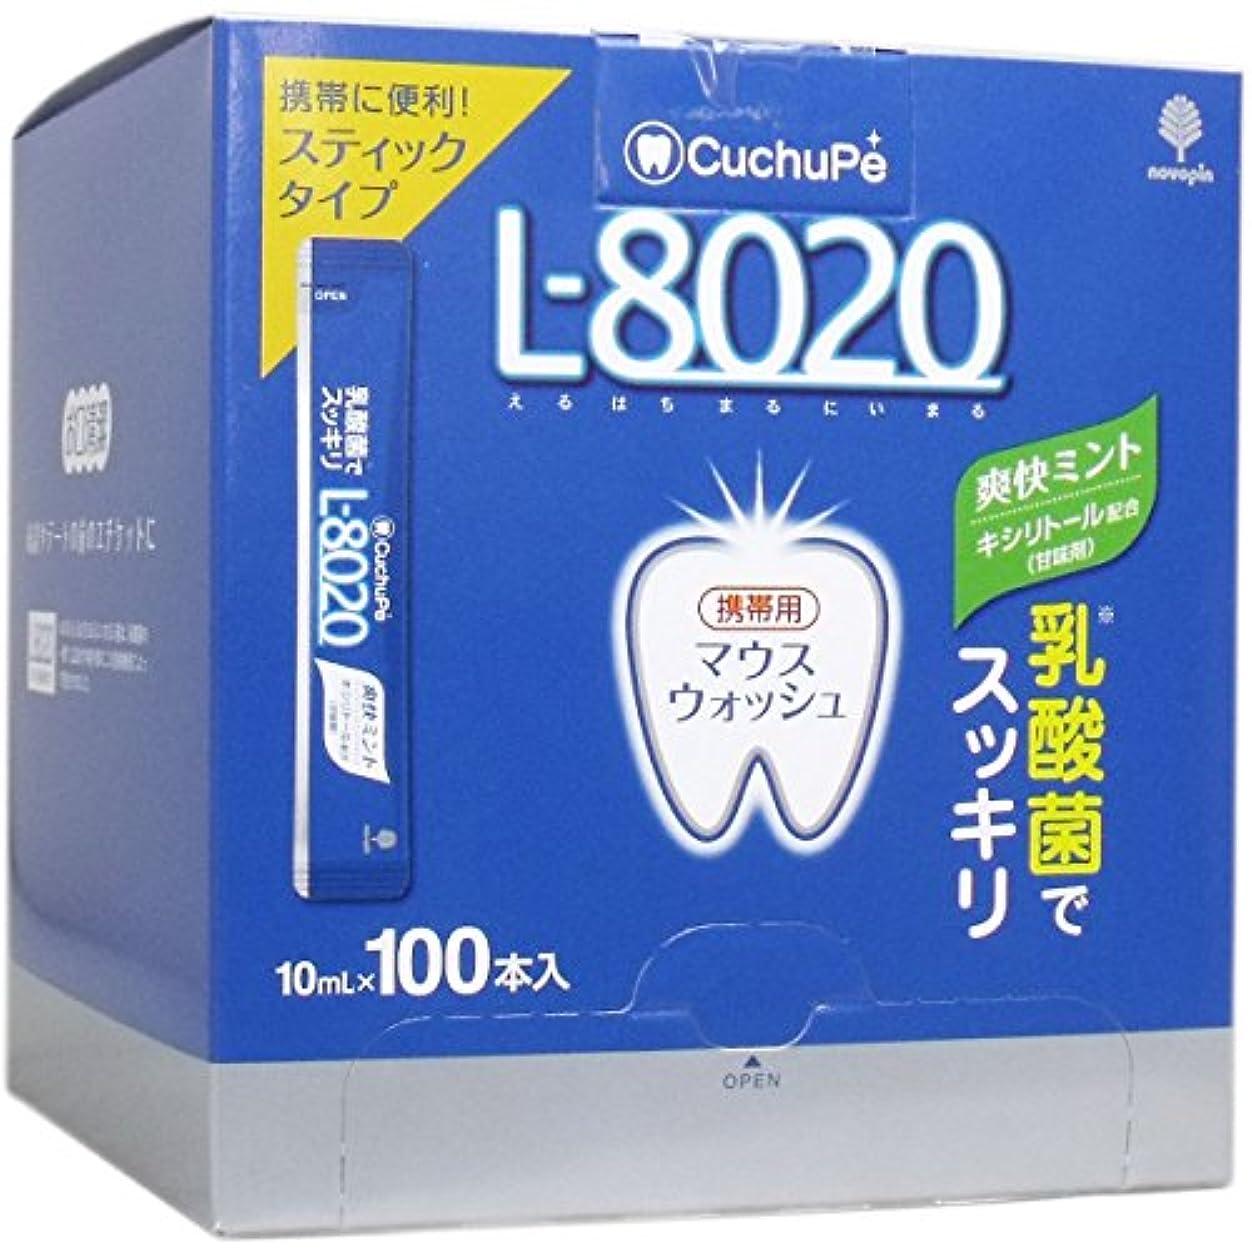 小包以上石のクチュッペ L-8020 マウスウォッシュ 爽快ミント スティックタイプ 100本入